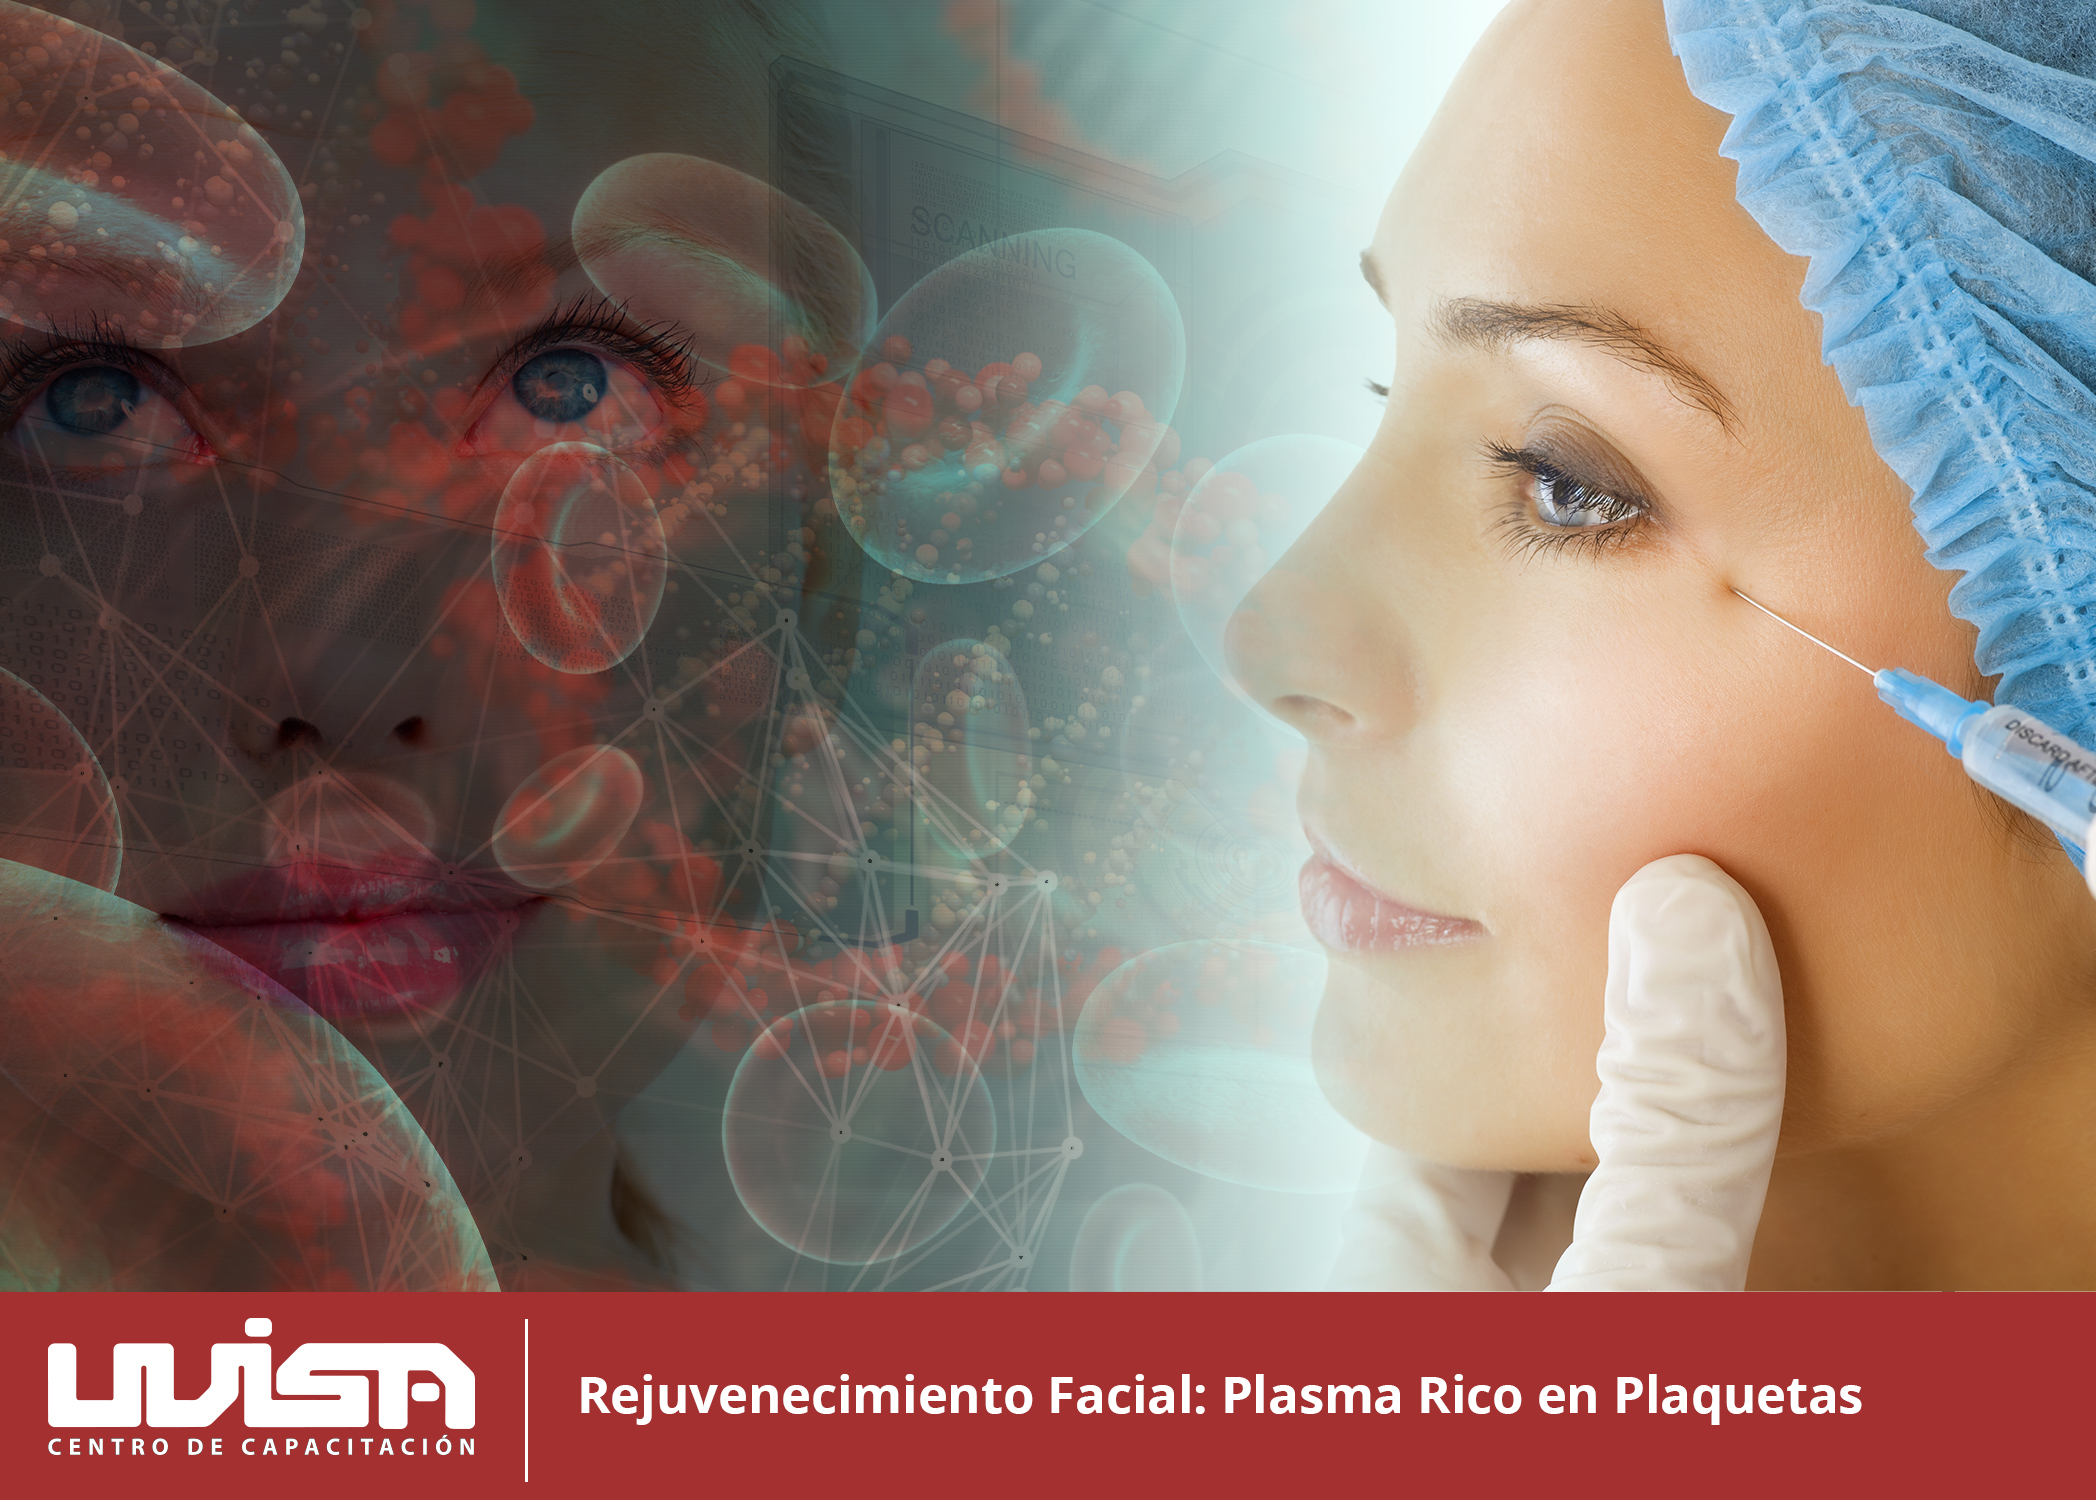 Rejuvenecimiento Facial: Plasma Rico en Plaquetas (PRP)